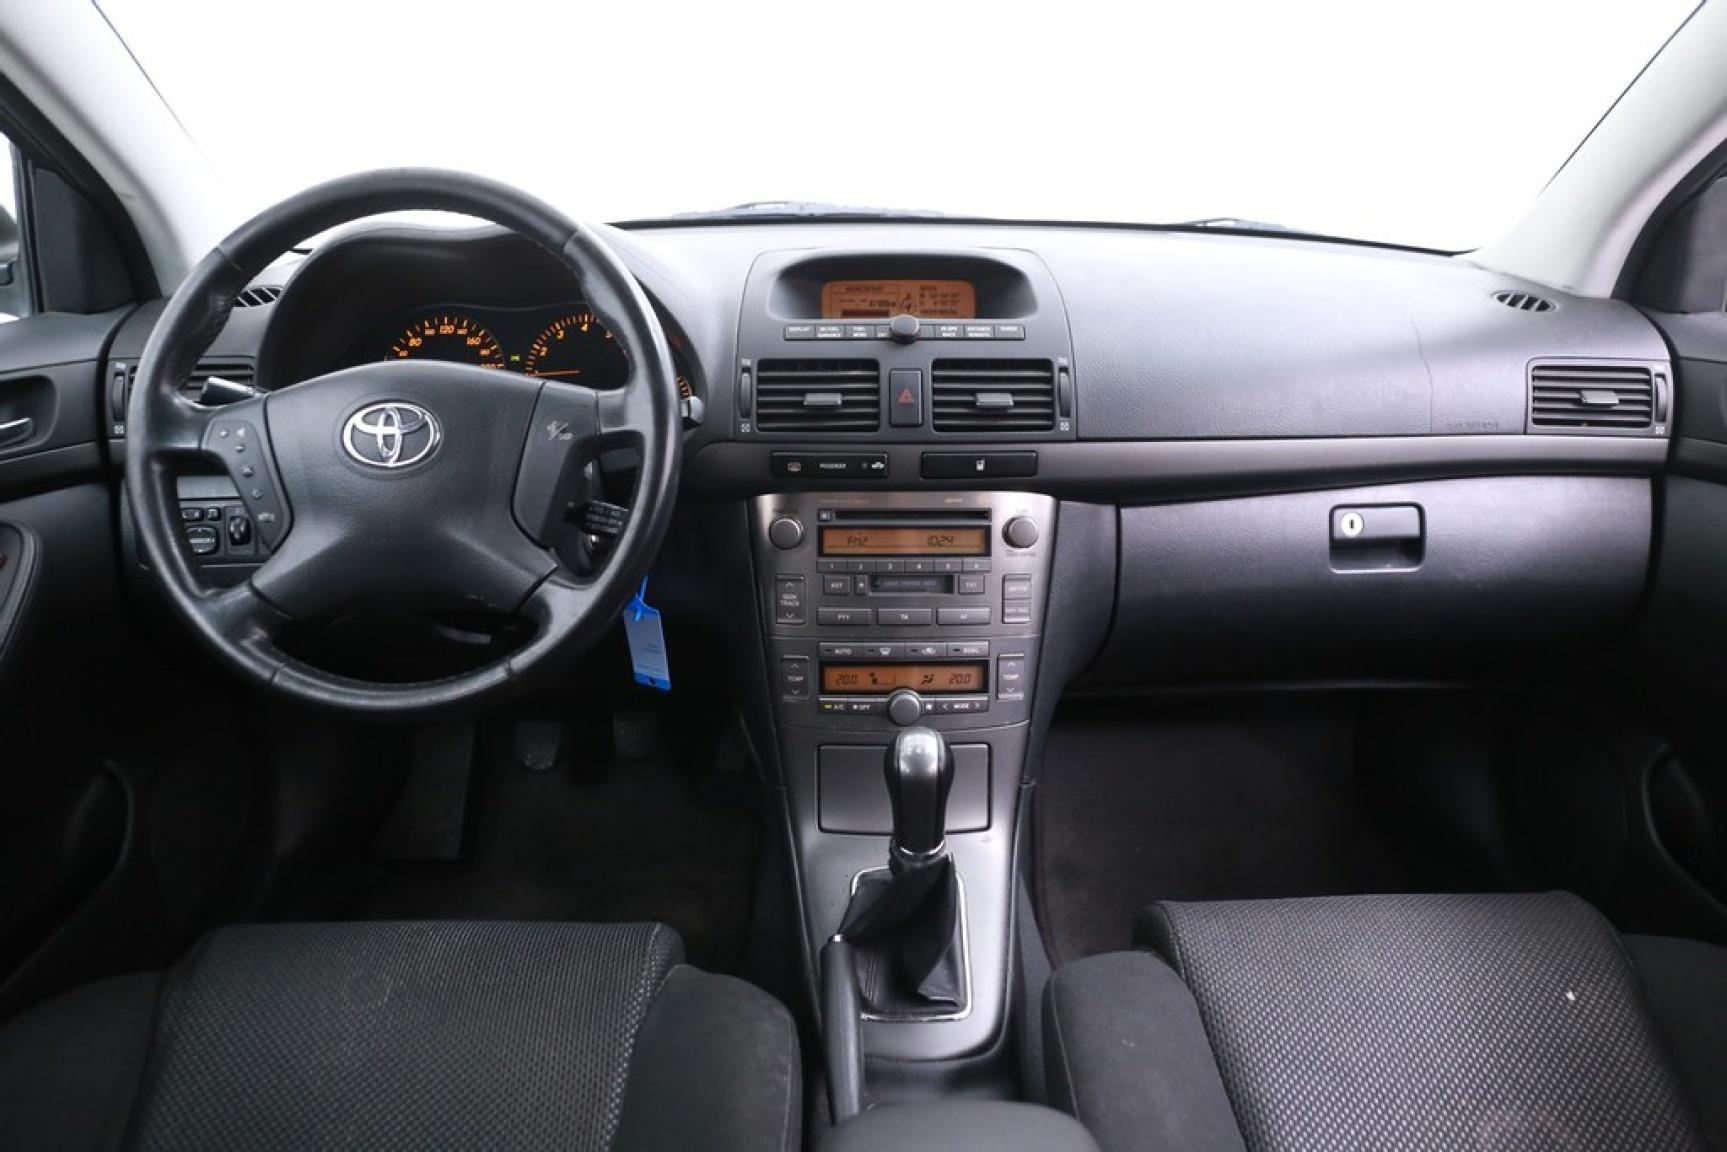 Toyota-Avensis-23